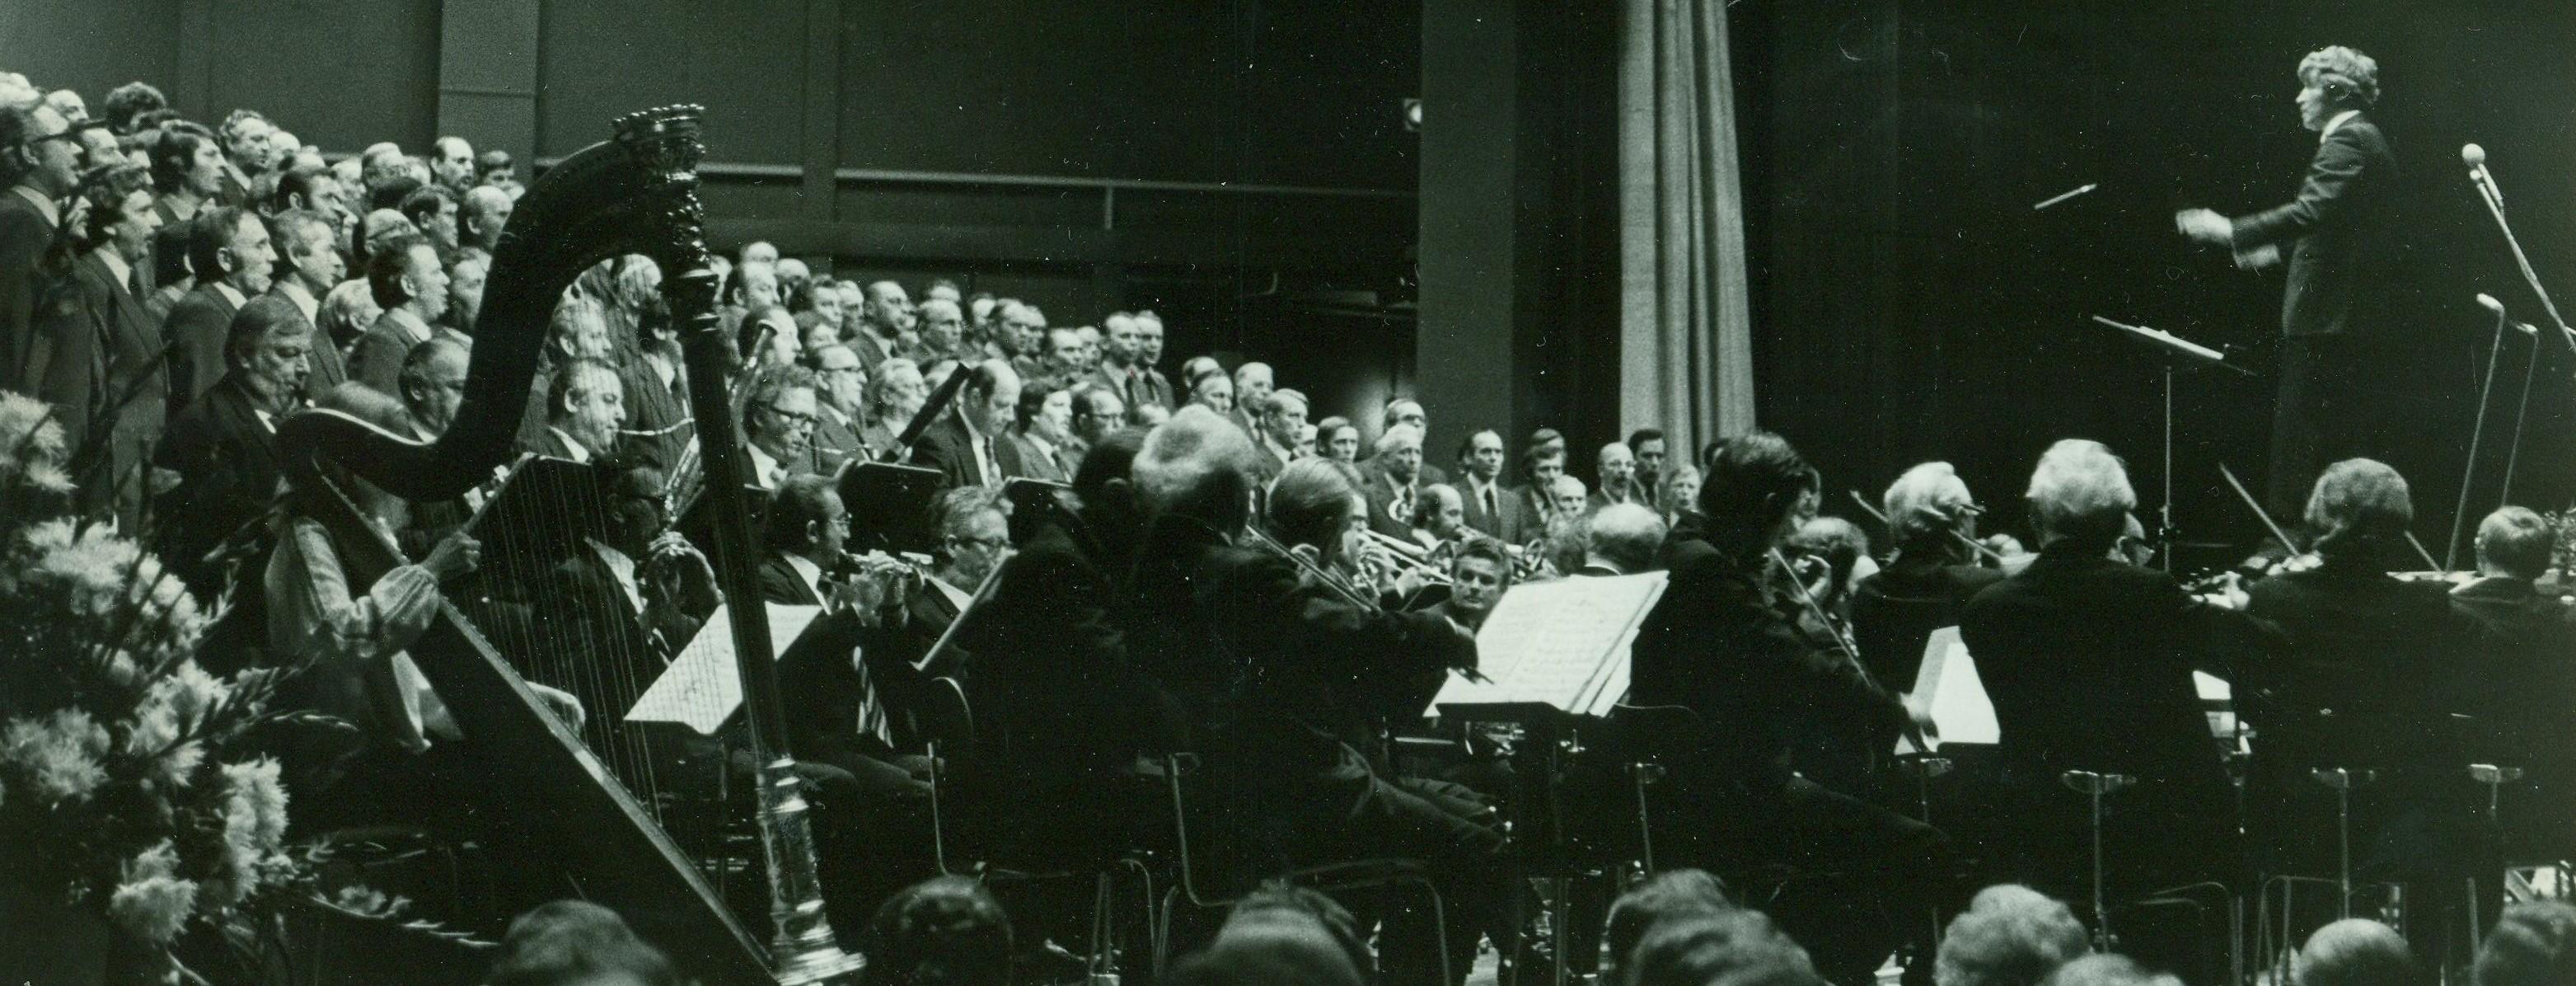 Nicht nur Chöre sondern ganze Orchester wurden dirigiert